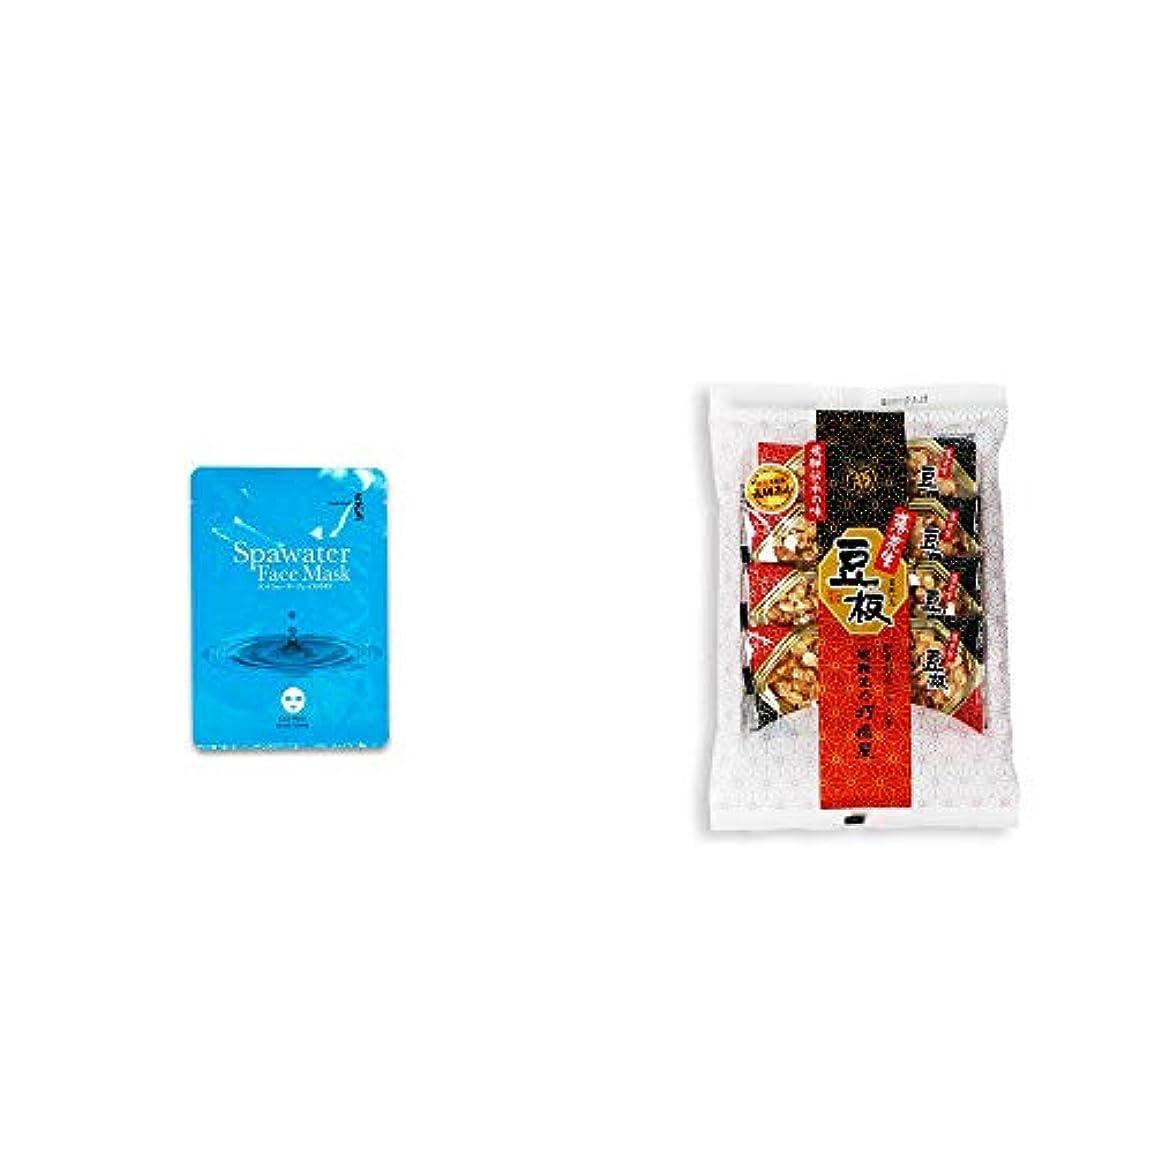 宿題スリップシューズ植物の[2点セット] ひのき炭黒泉 スパウォーターフェイスマスク(18ml×3枚入)・飛騨銘菓「打保屋」の駄菓子 豆板(8枚入)